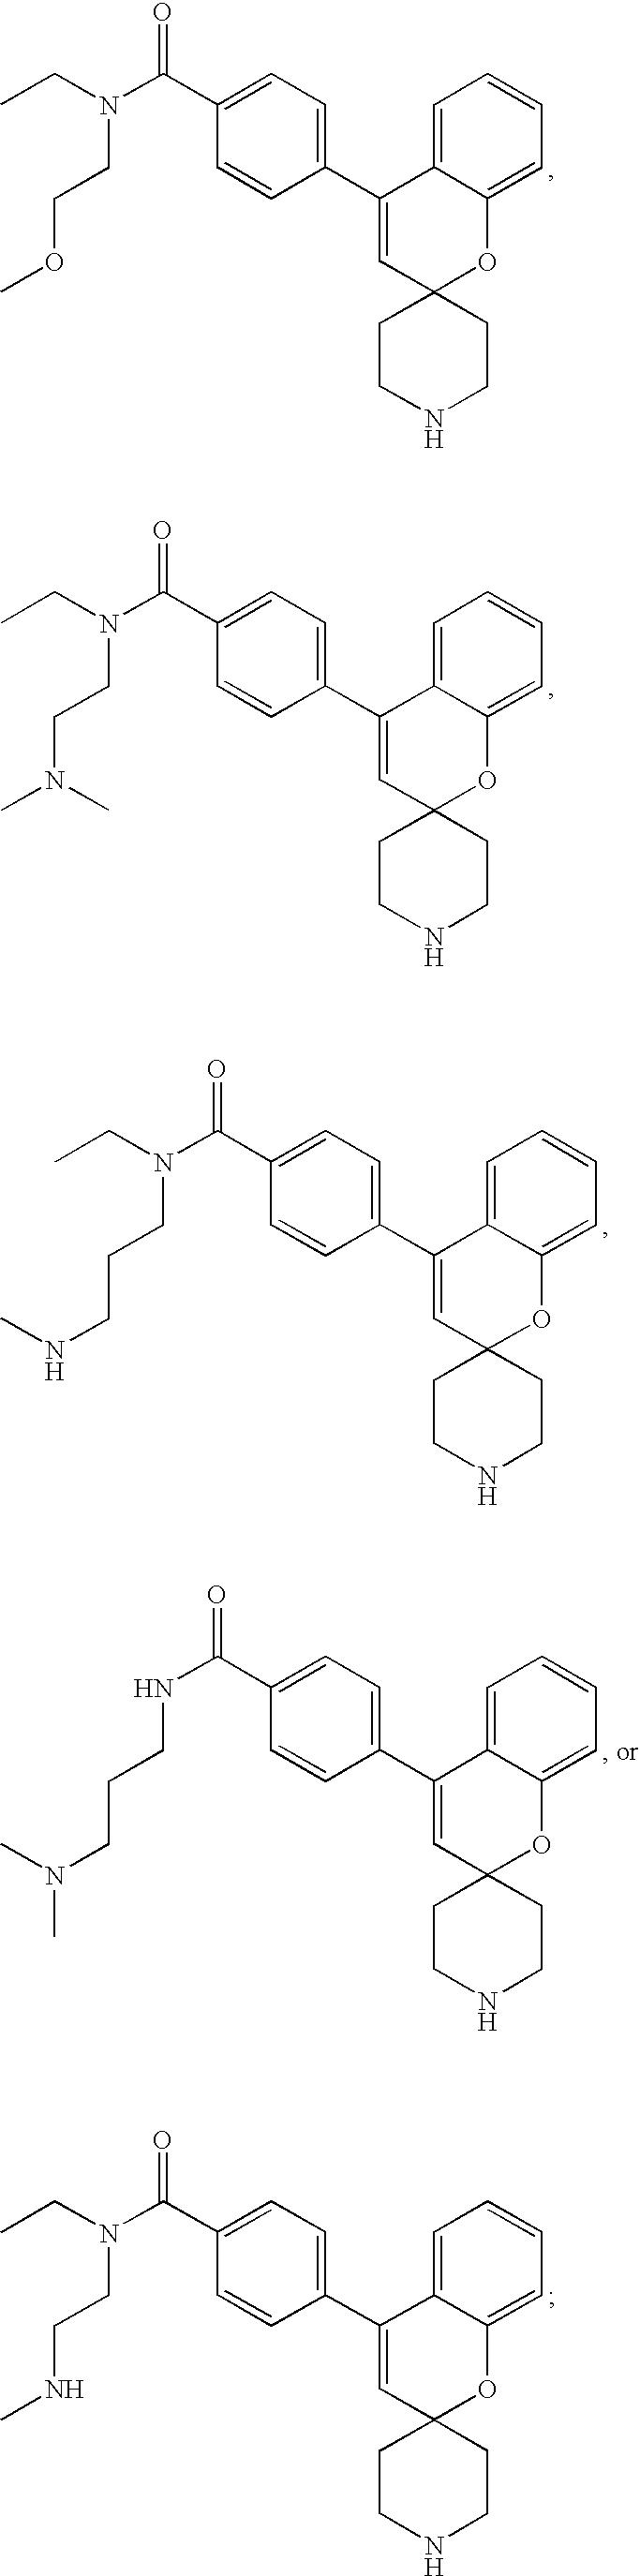 Figure US20100029614A1-20100204-C00079